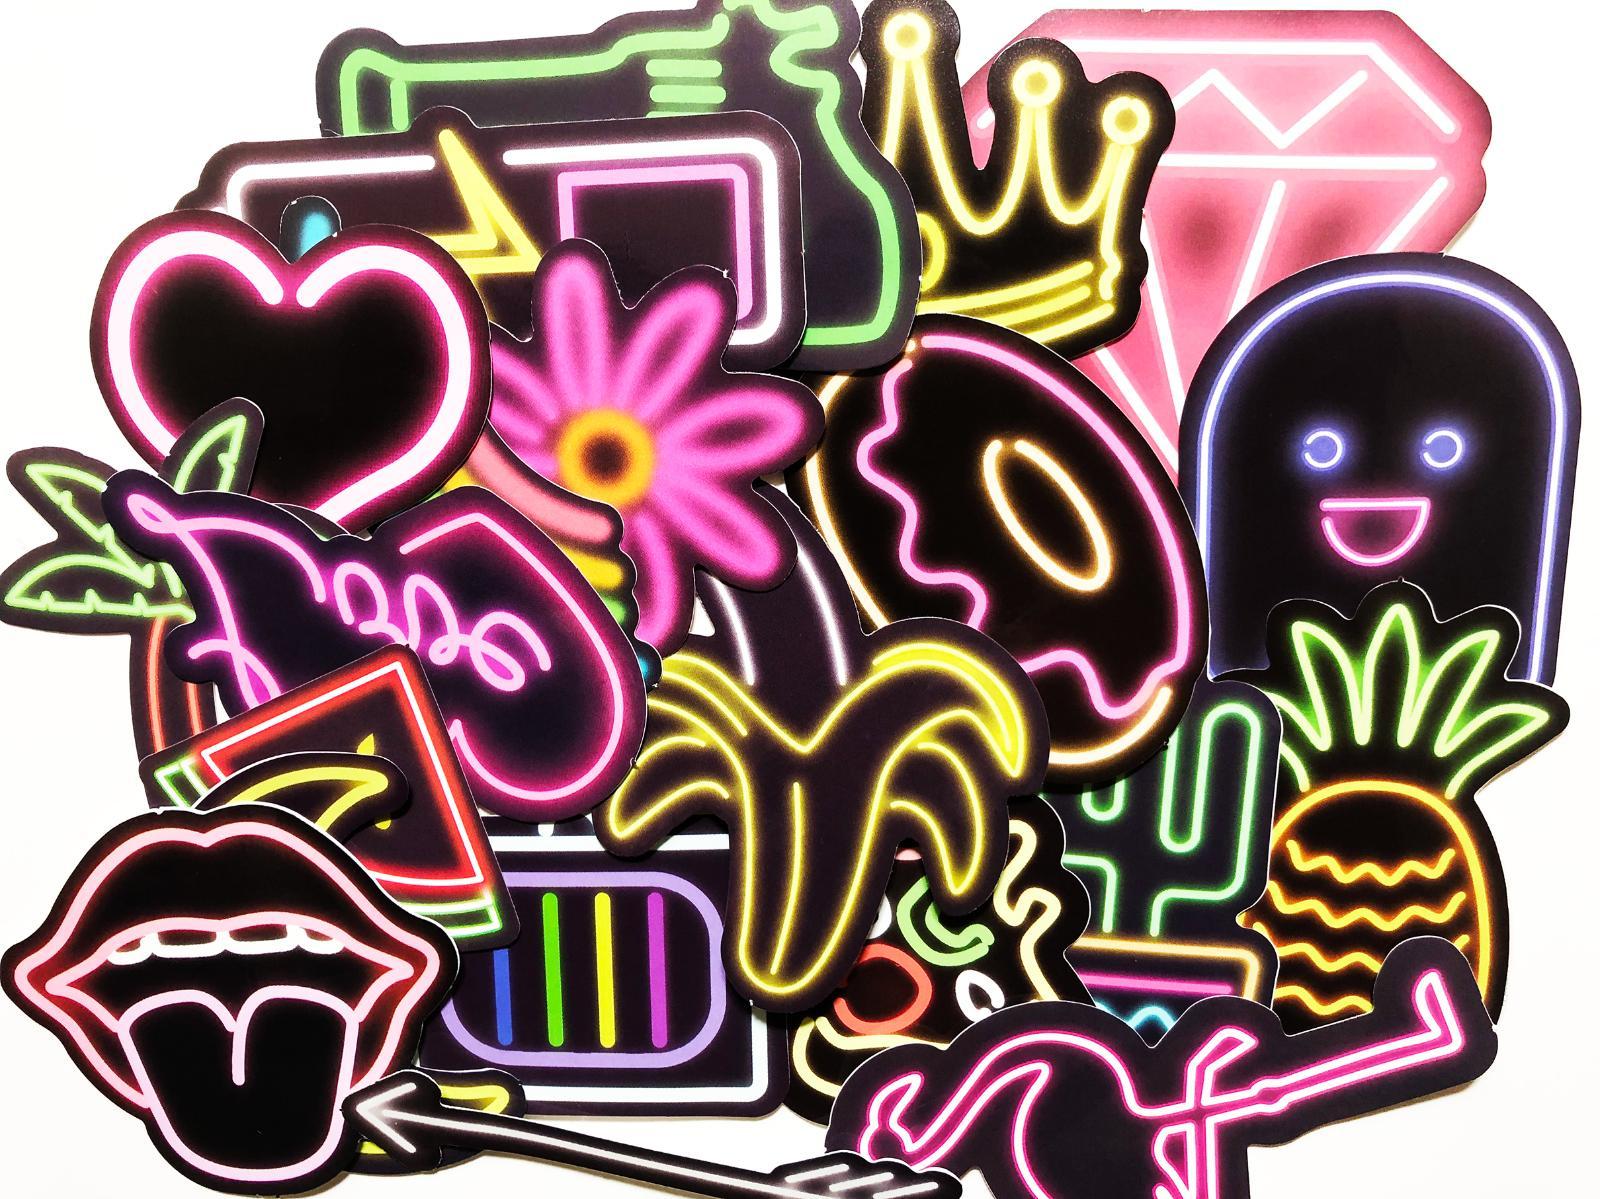 21 stickers skateboard laptop decals dope sticker